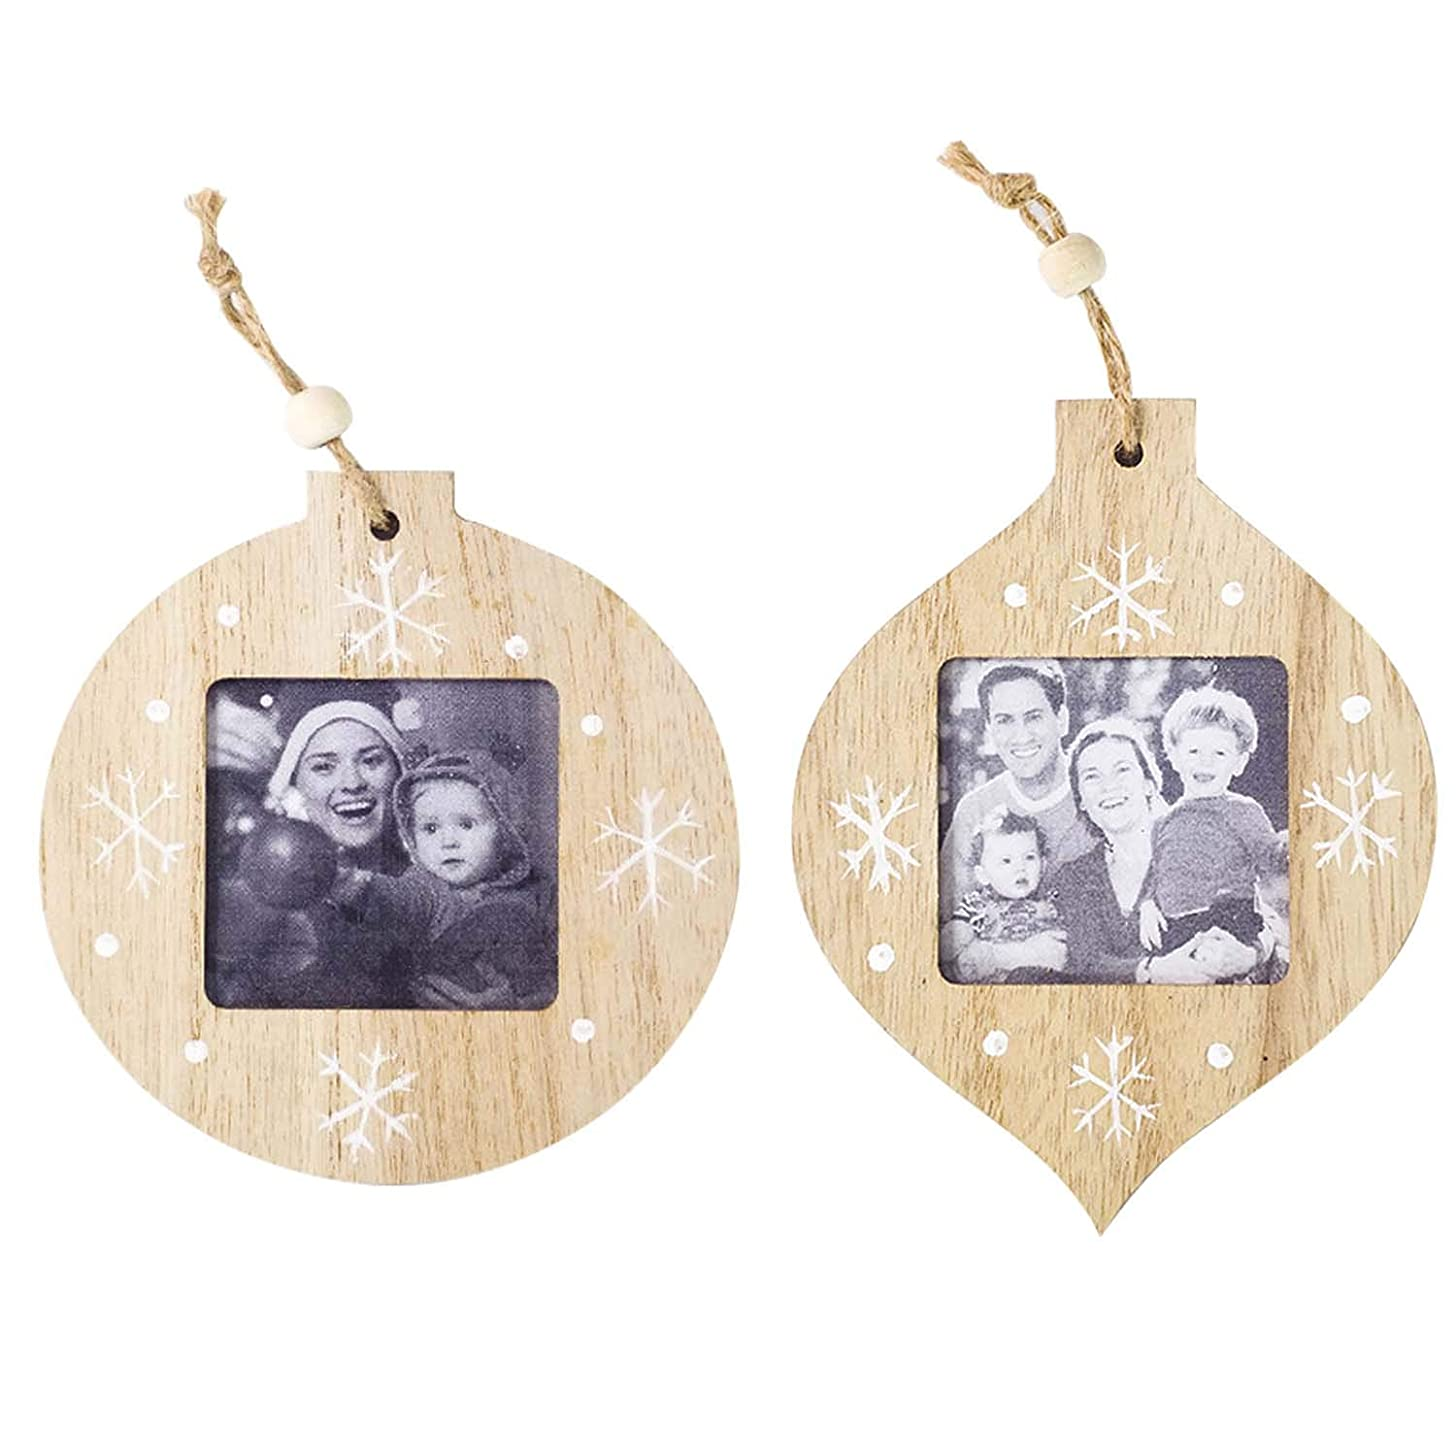 アナニバーブローホール権威ゴシレ Gosear 2本のクリスマスの木製の写真の写真フレームクリスマスツリーペンダントの装飾を吊るすクリスマスホームデコレーション